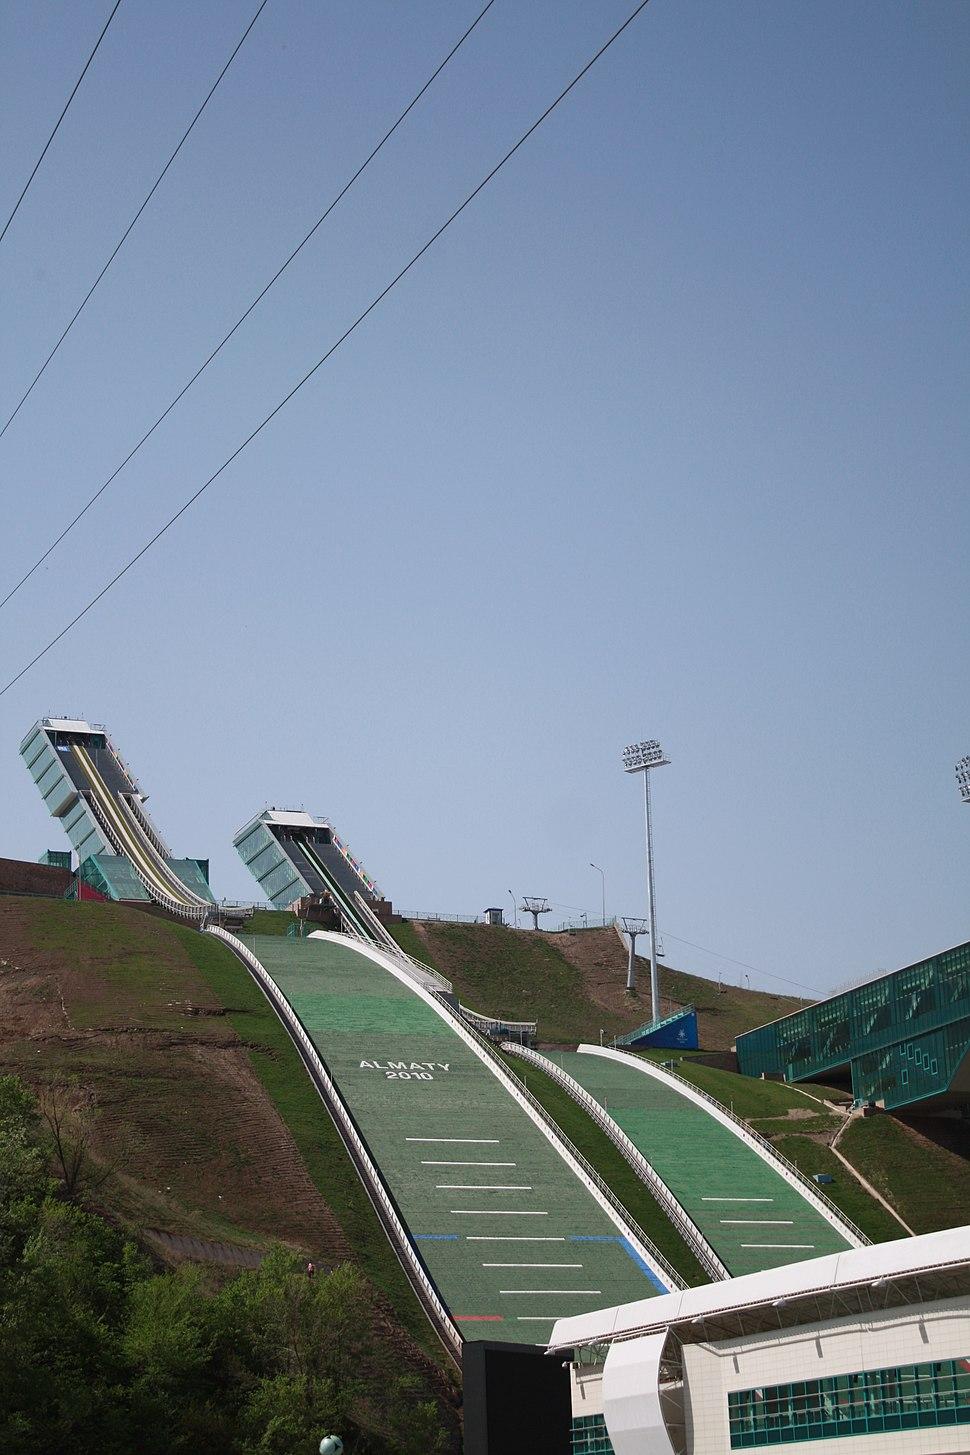 AlmatySkiJump